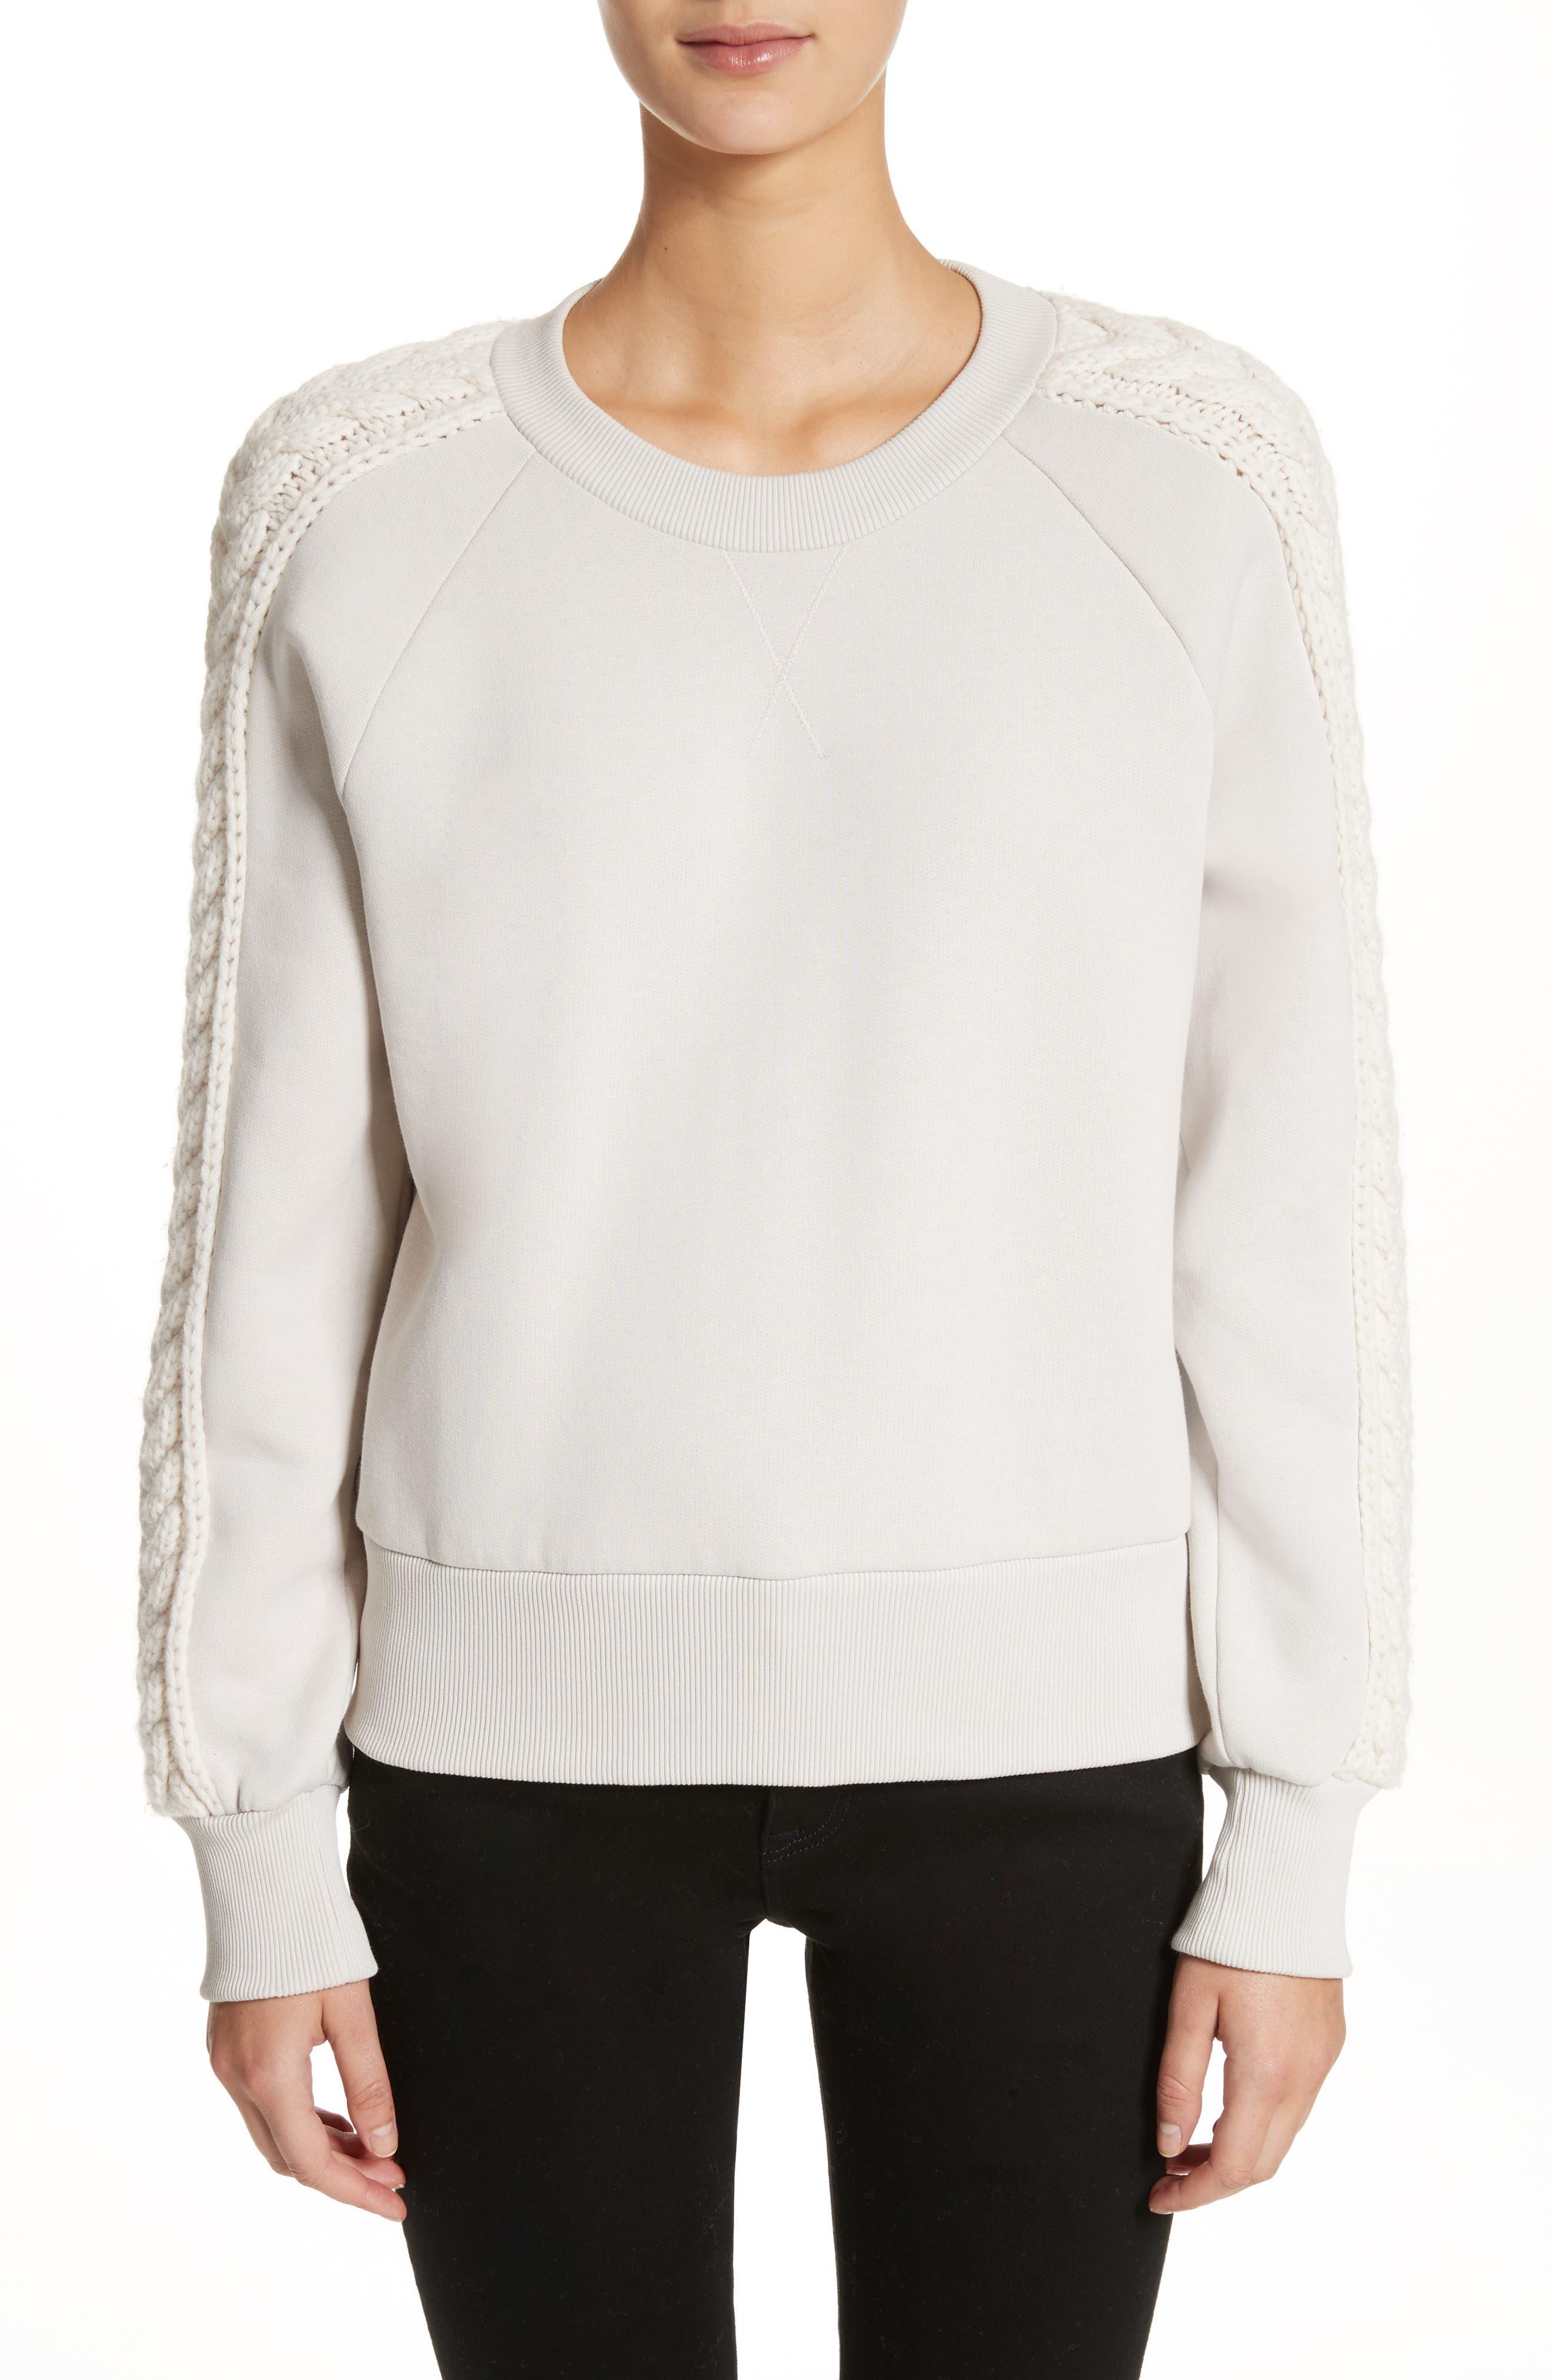 Selho Sweatshirt,                             Main thumbnail 1, color,                             Winter White